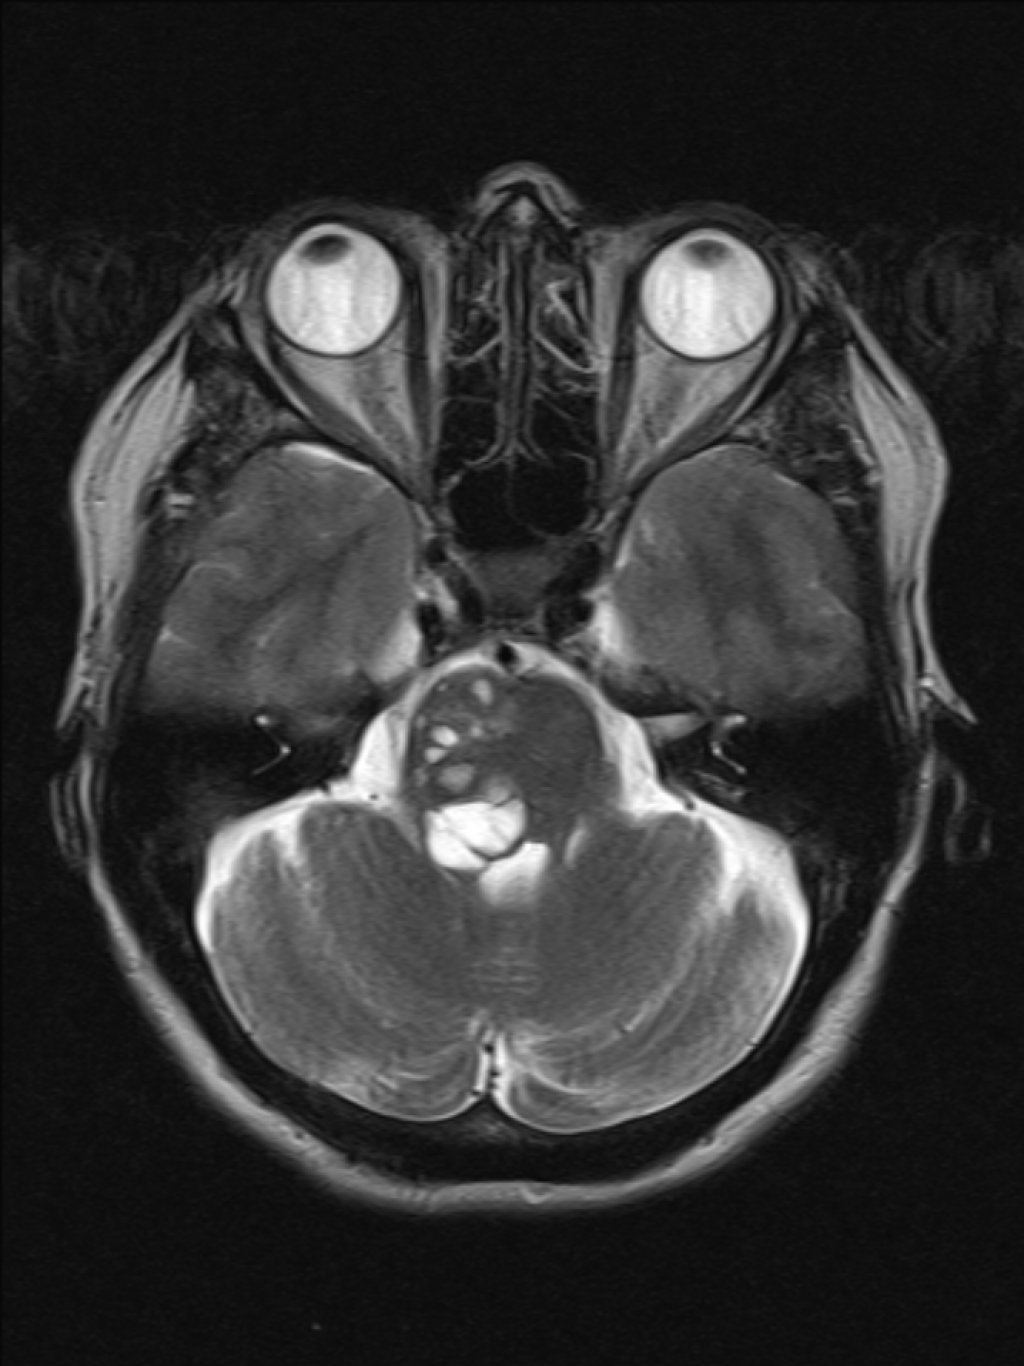 Гигантские расширенные периваскулярные пространства, вызывающие внутреннюю окклюзионную гидроцефалию (Giant dilated perivascular spaces causing obstructive hydrocephalus).